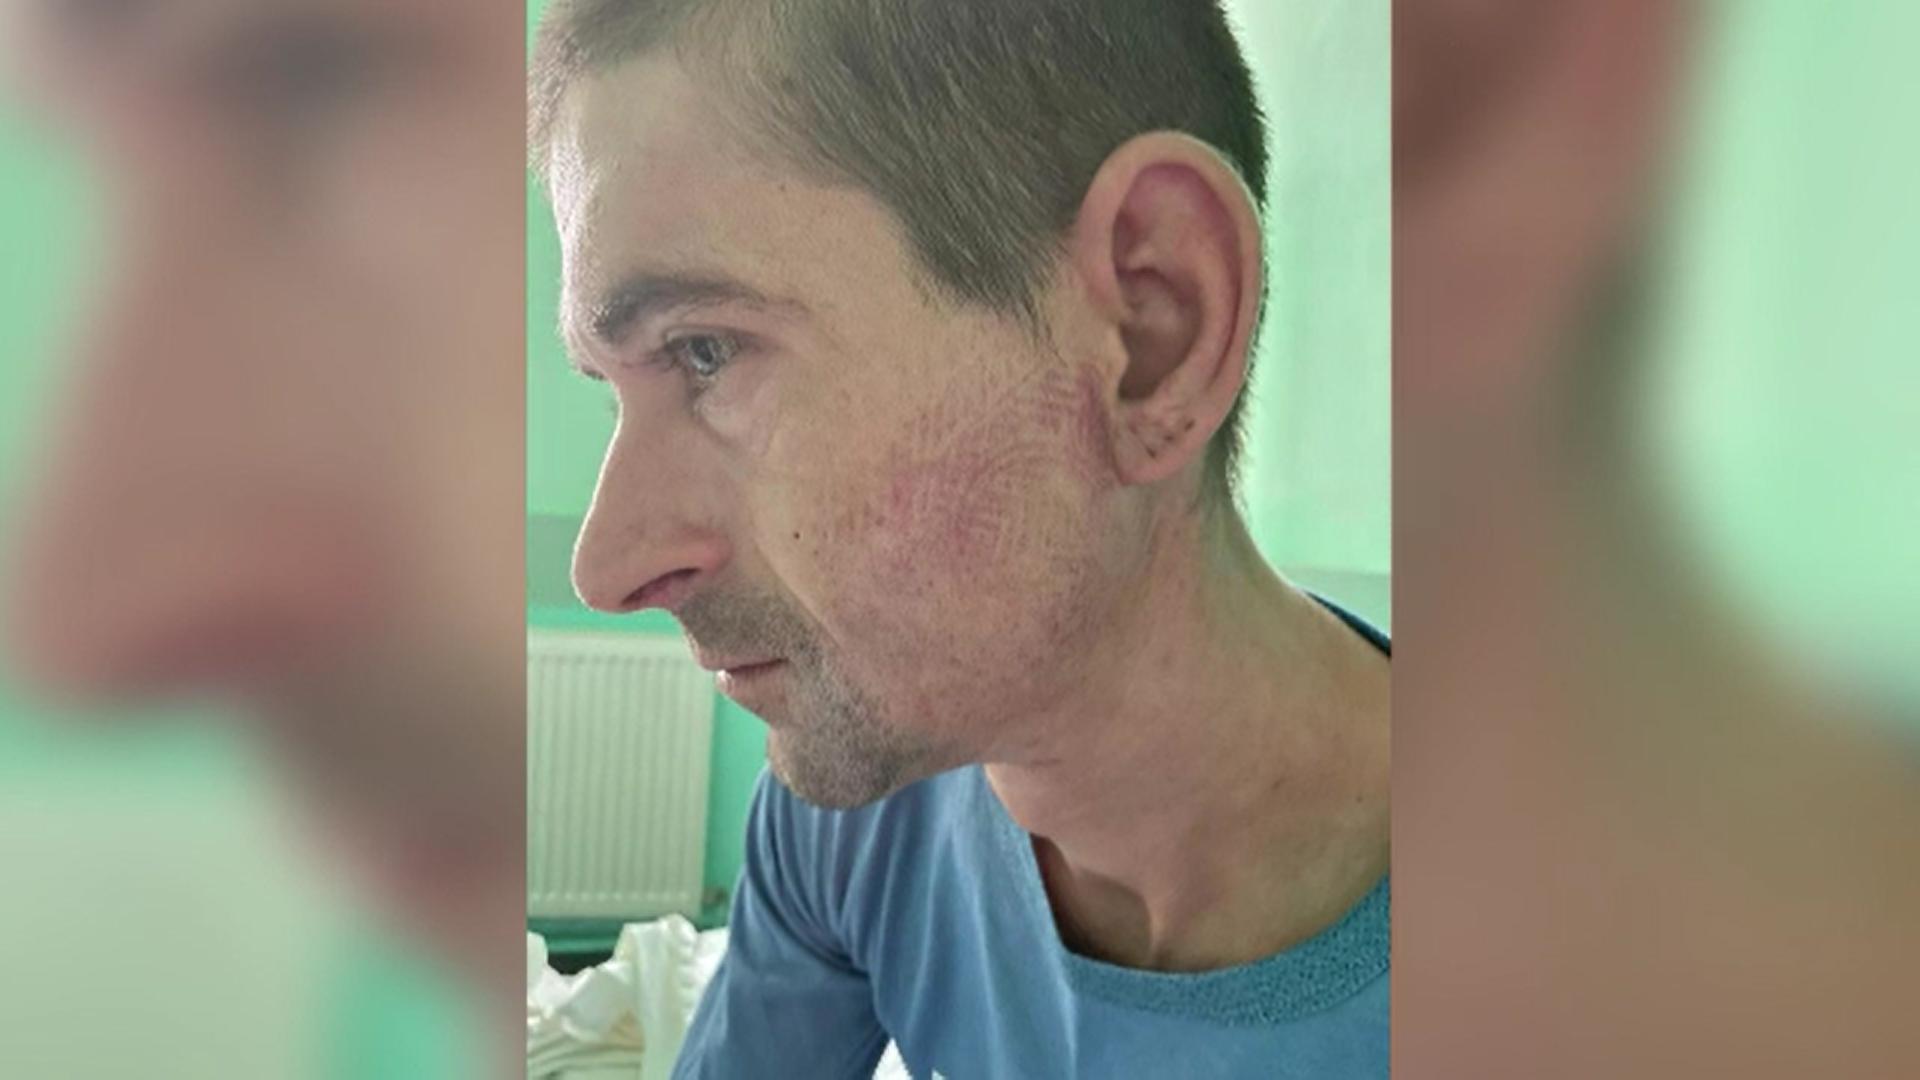 Un bărbat din Gorj a ajuns la spital cu amprenta unui bocanc pe față. Susține că a fost bătut de jandarmi